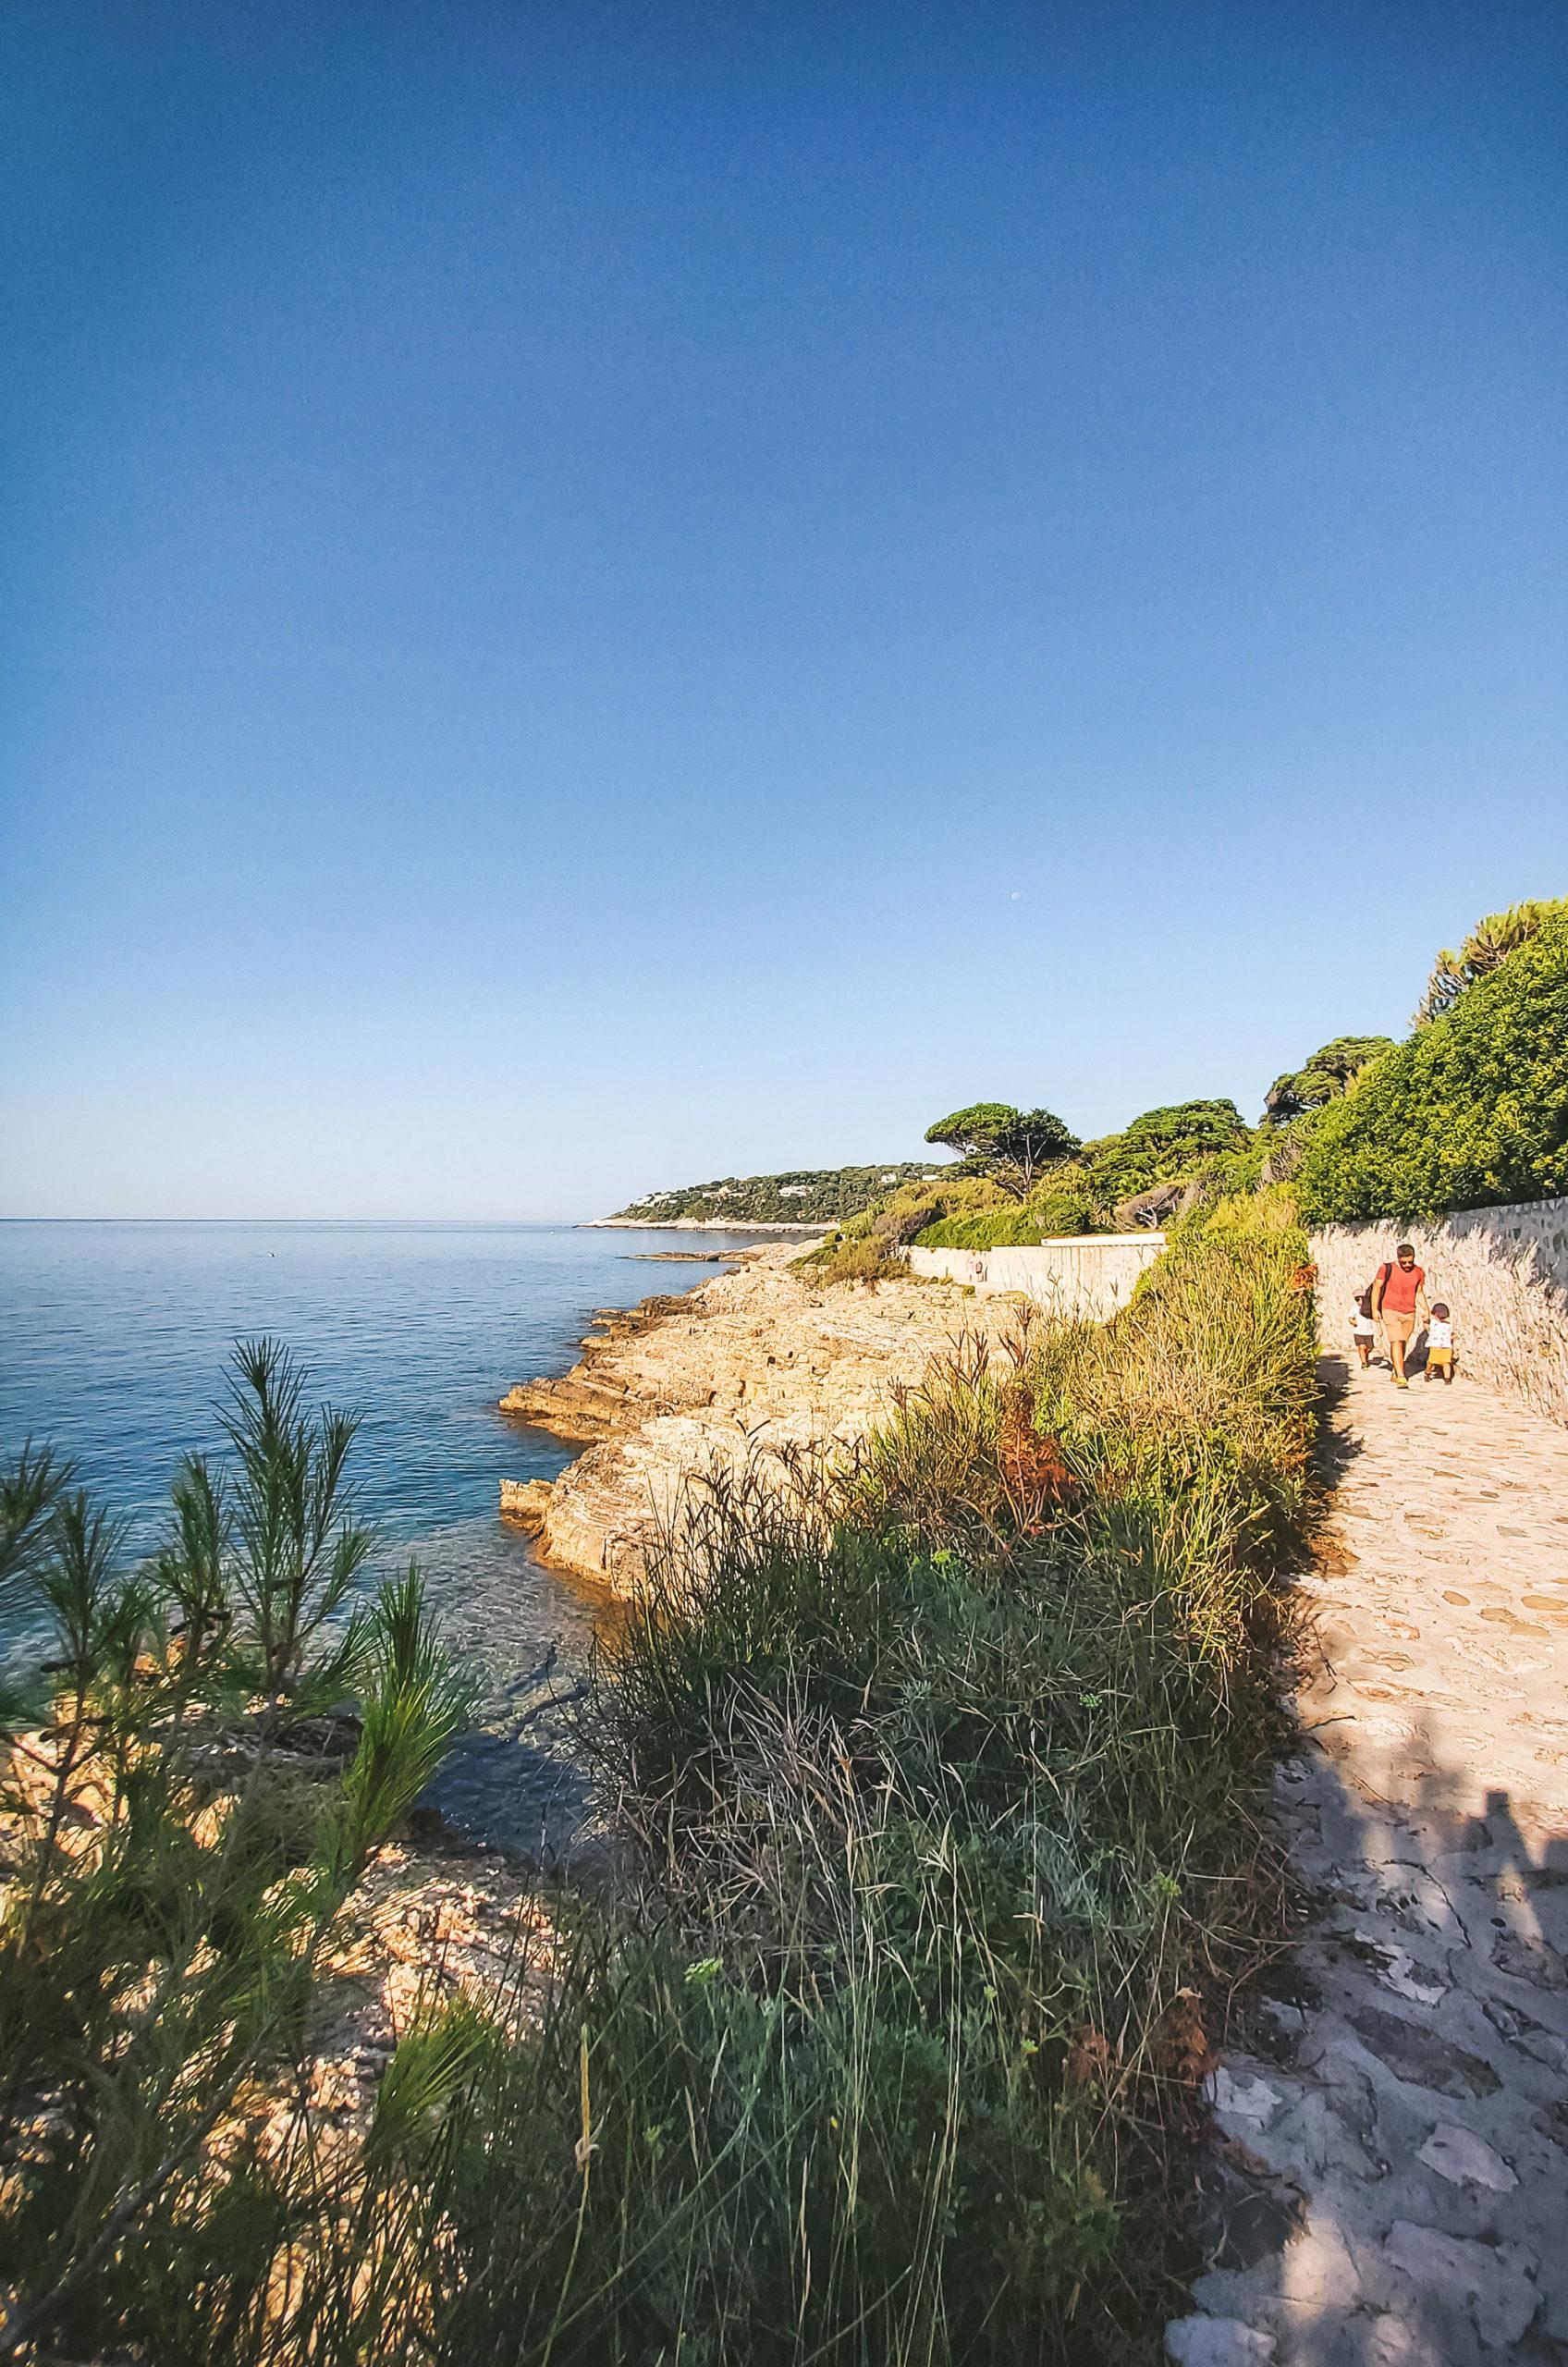 5 choses à faire sans voiture dans la Riviera autour de Nice - Saint Jean Cap Ferrat